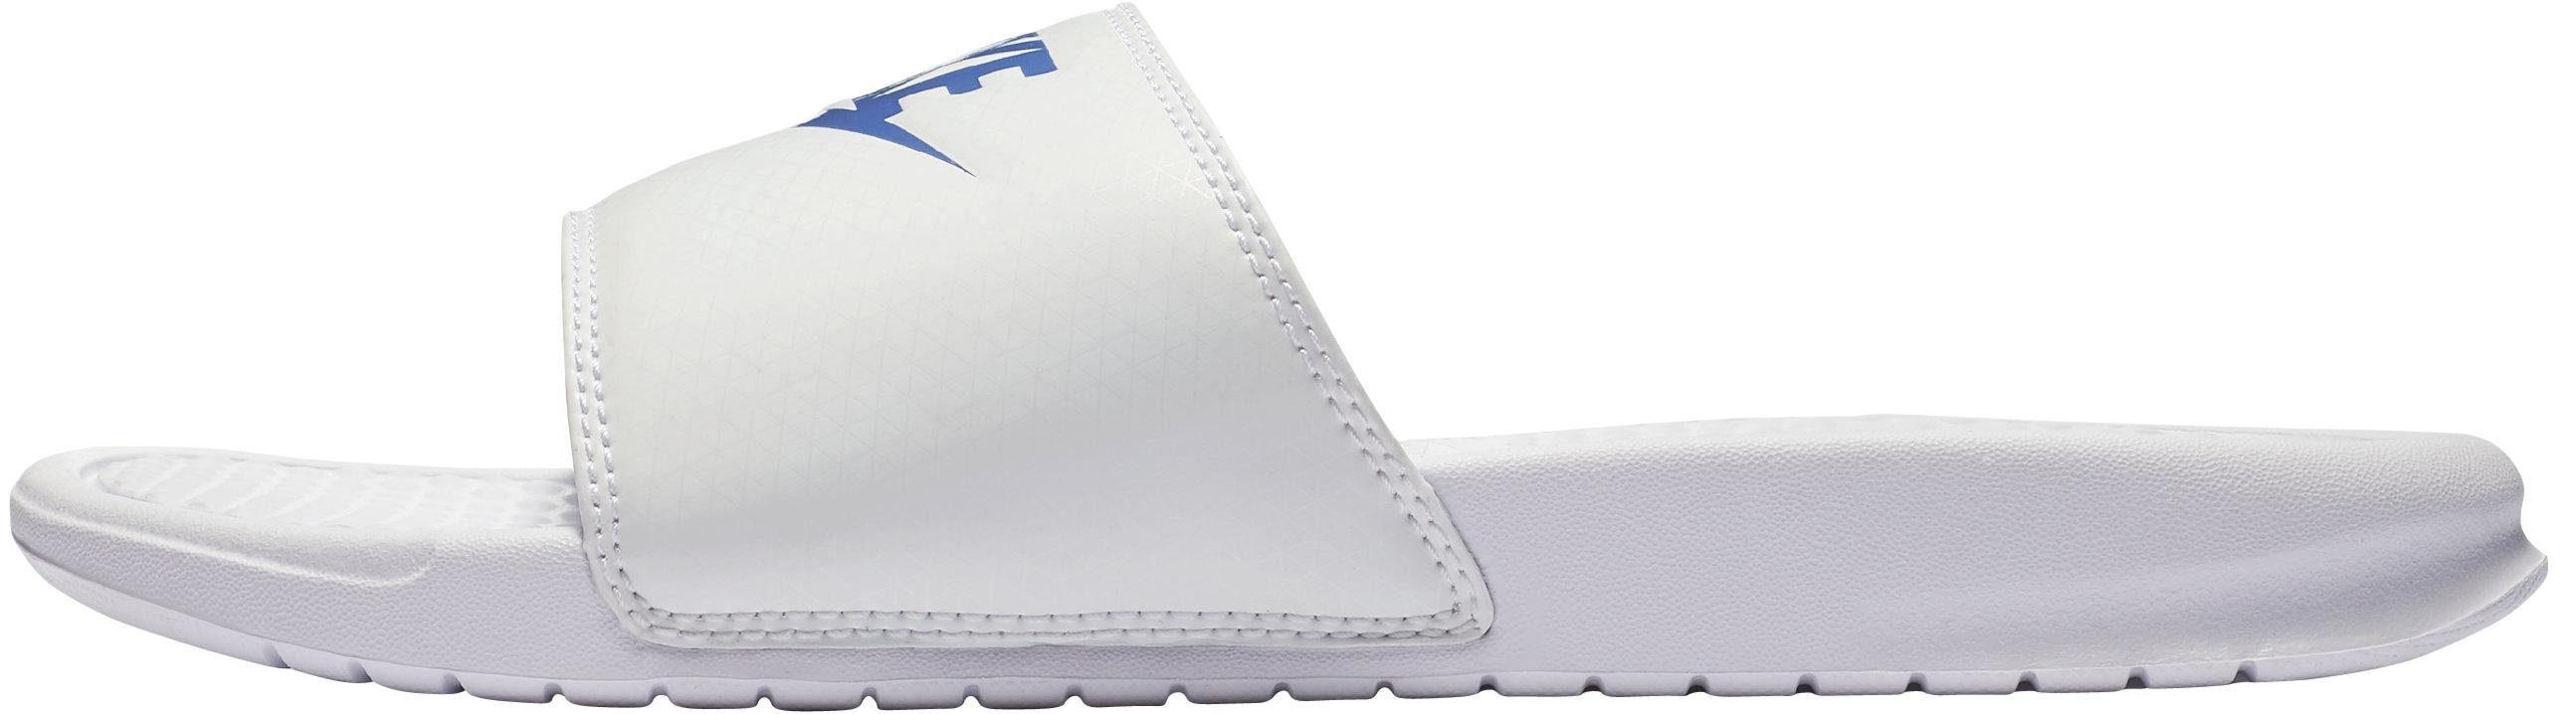 Nike Badslippers Benassi Just Do It? Bestel Nu Bij - Geweldige Prijs